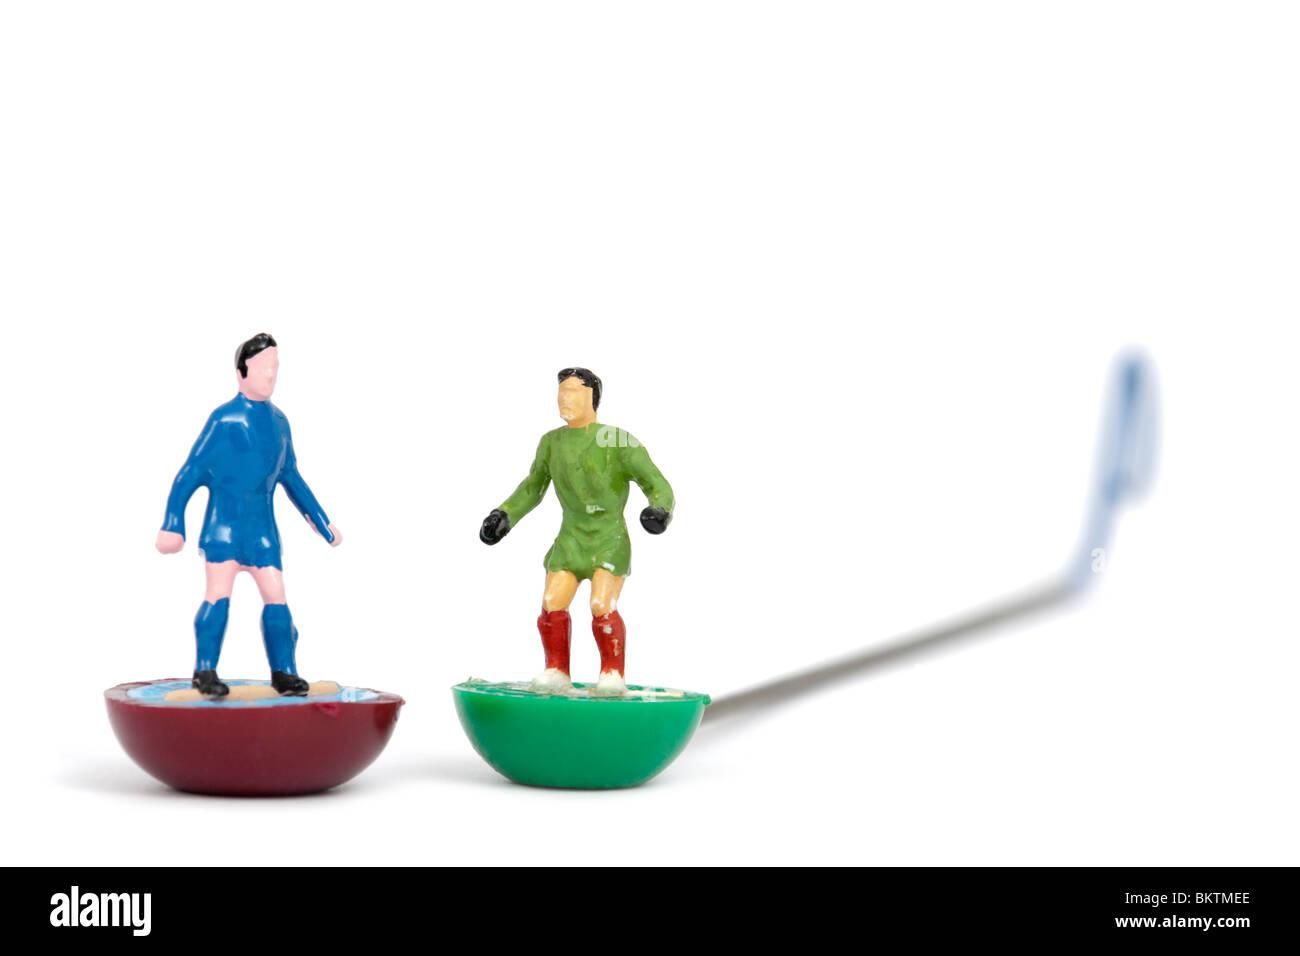 Vintage Subbuteo® toy giocatore di football e portiere, isolato su sfondo bianco Immagini Stock